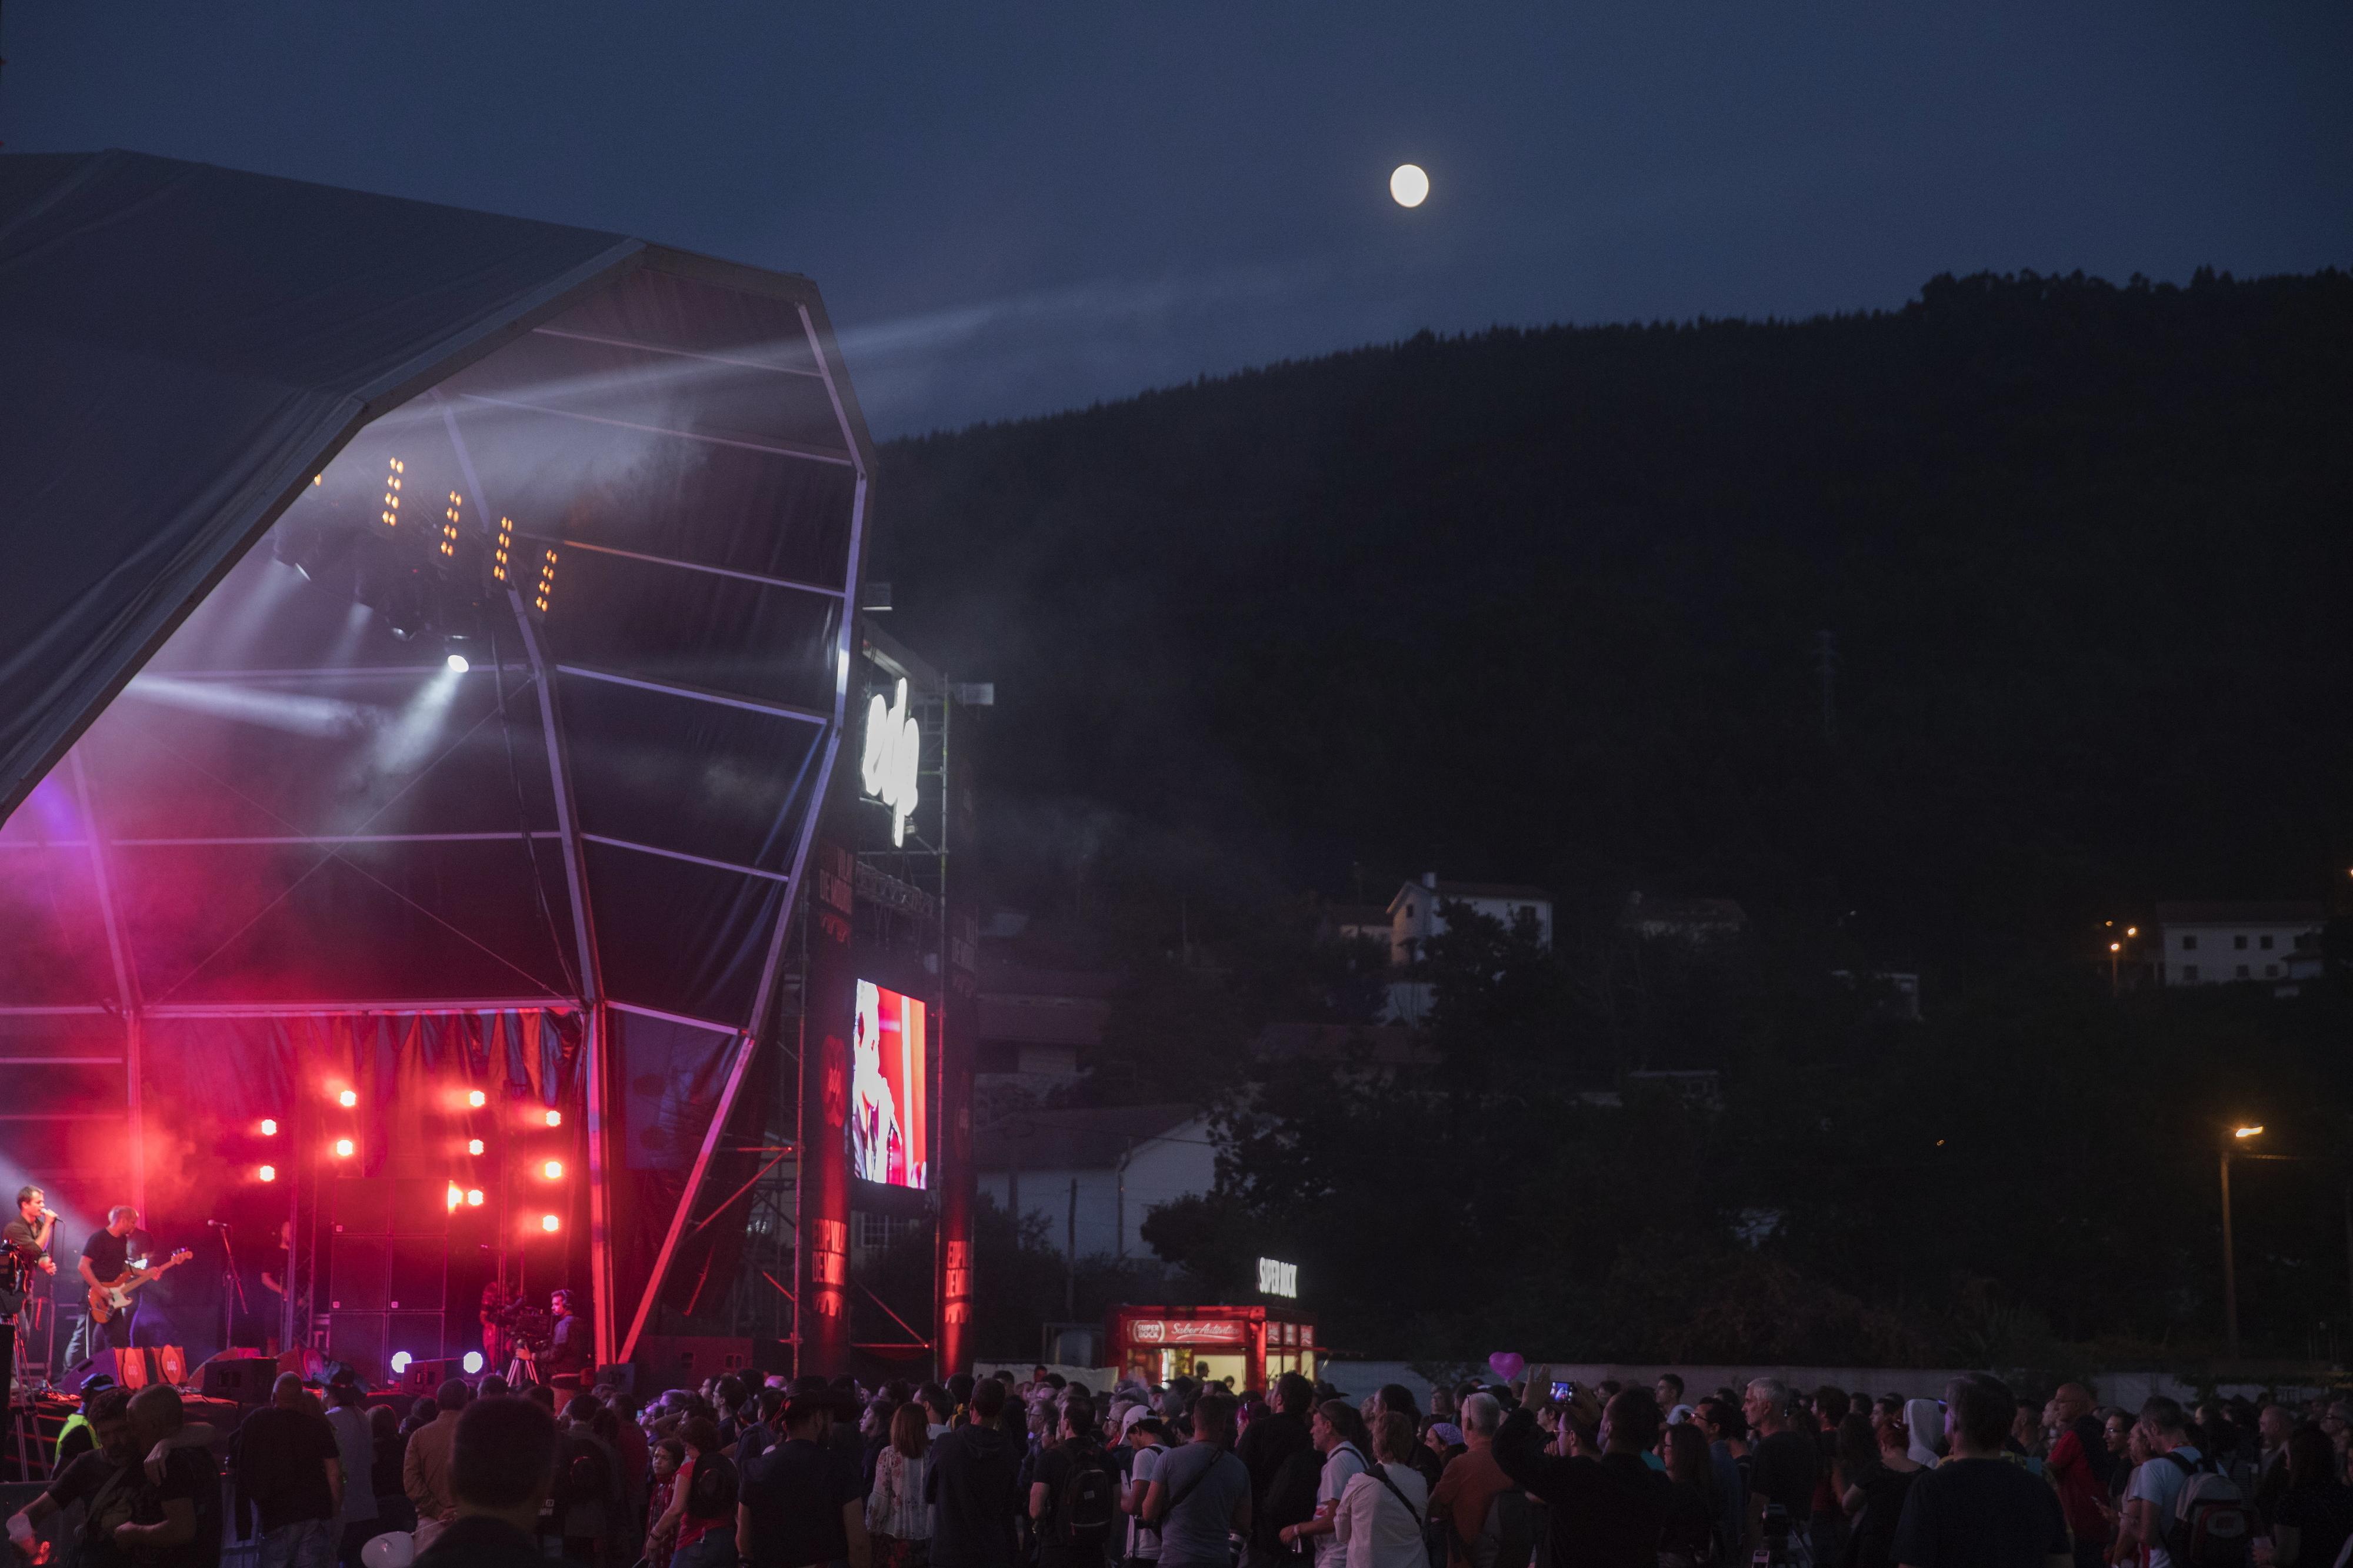 Festival de Vilar de Mouros aposta em novo palco e área de lazer alargada